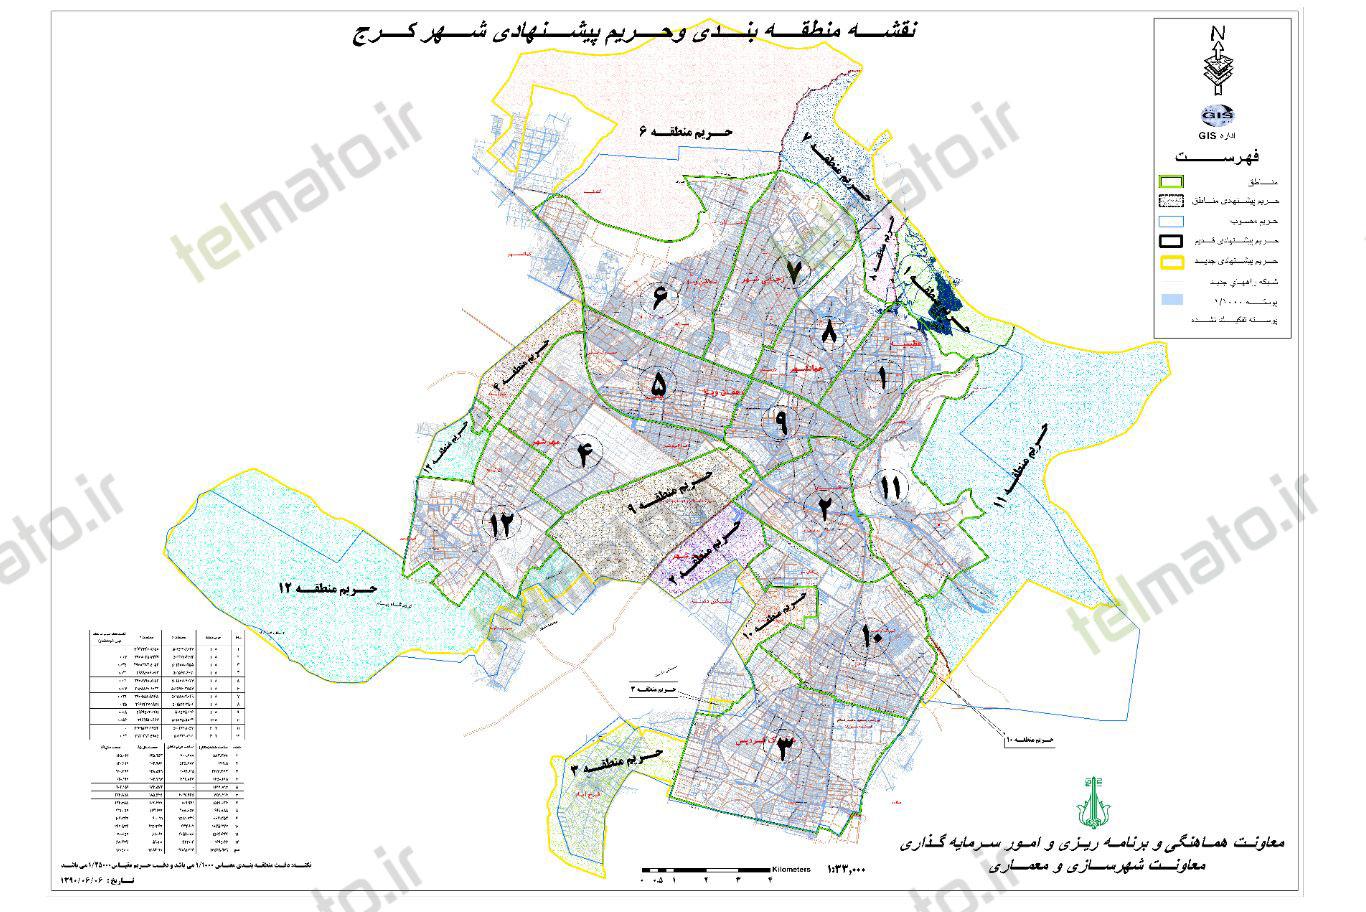 دانلود جدیدترین نقشه اتوکد شهر کرج dwg , دانلود بهترین نقشه اتوکد شهر کرج تمامی مناطق , دانلود طرح تفصیلی جدید کرج , طرح تفصیلی جدید کرج , طرح تفصیلی کرج dwg , نقشه اتوکد طرح تفصیلی کرج , نقشه اتوکد طرح تفصیلی کرجpdf , نقشه طرح تفصیلی کرج pdf